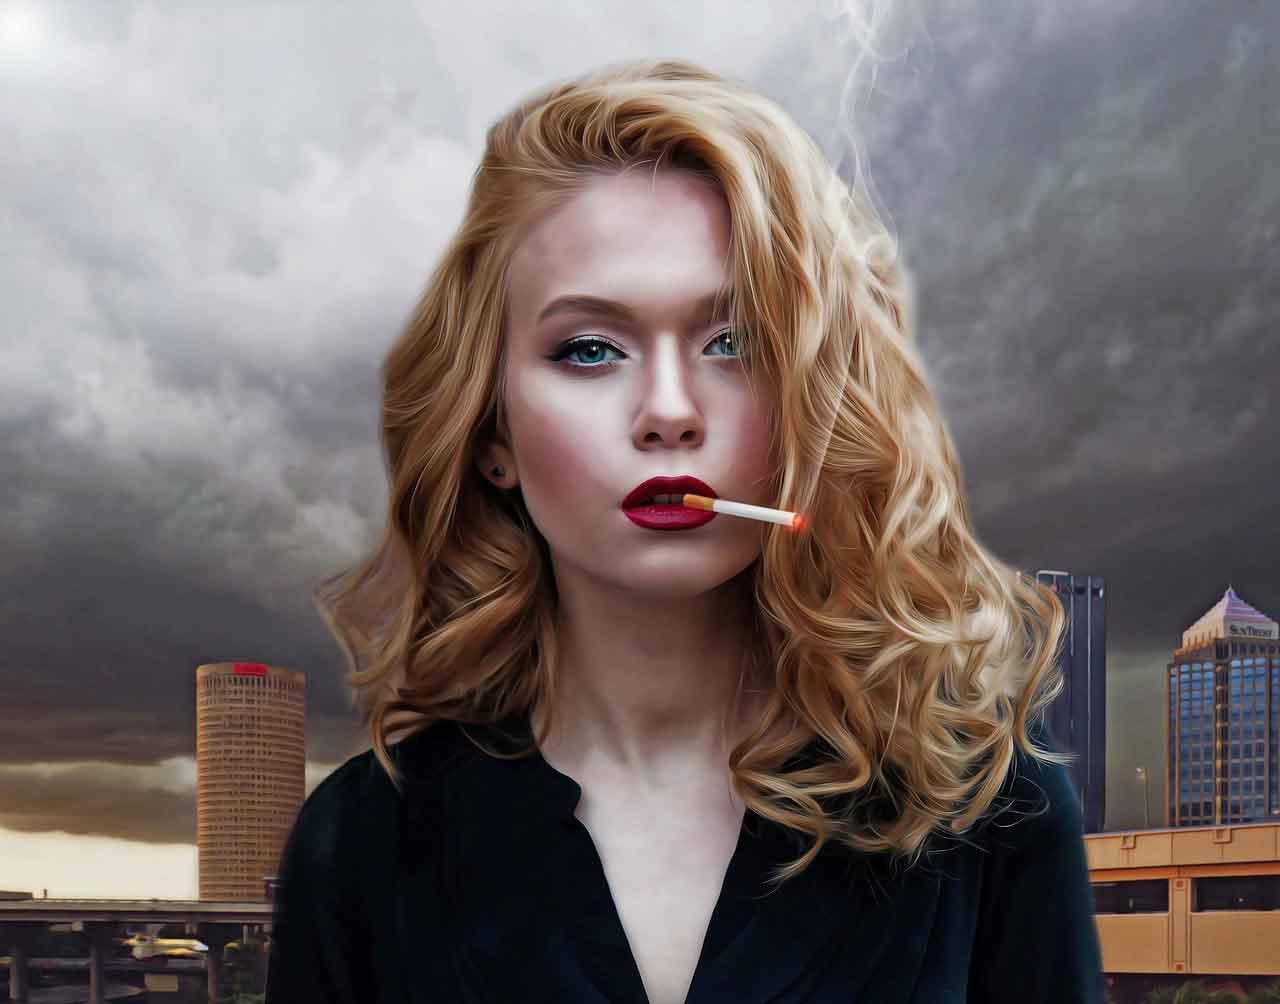 Что нужно вообще делать, чтобы бросить курить?